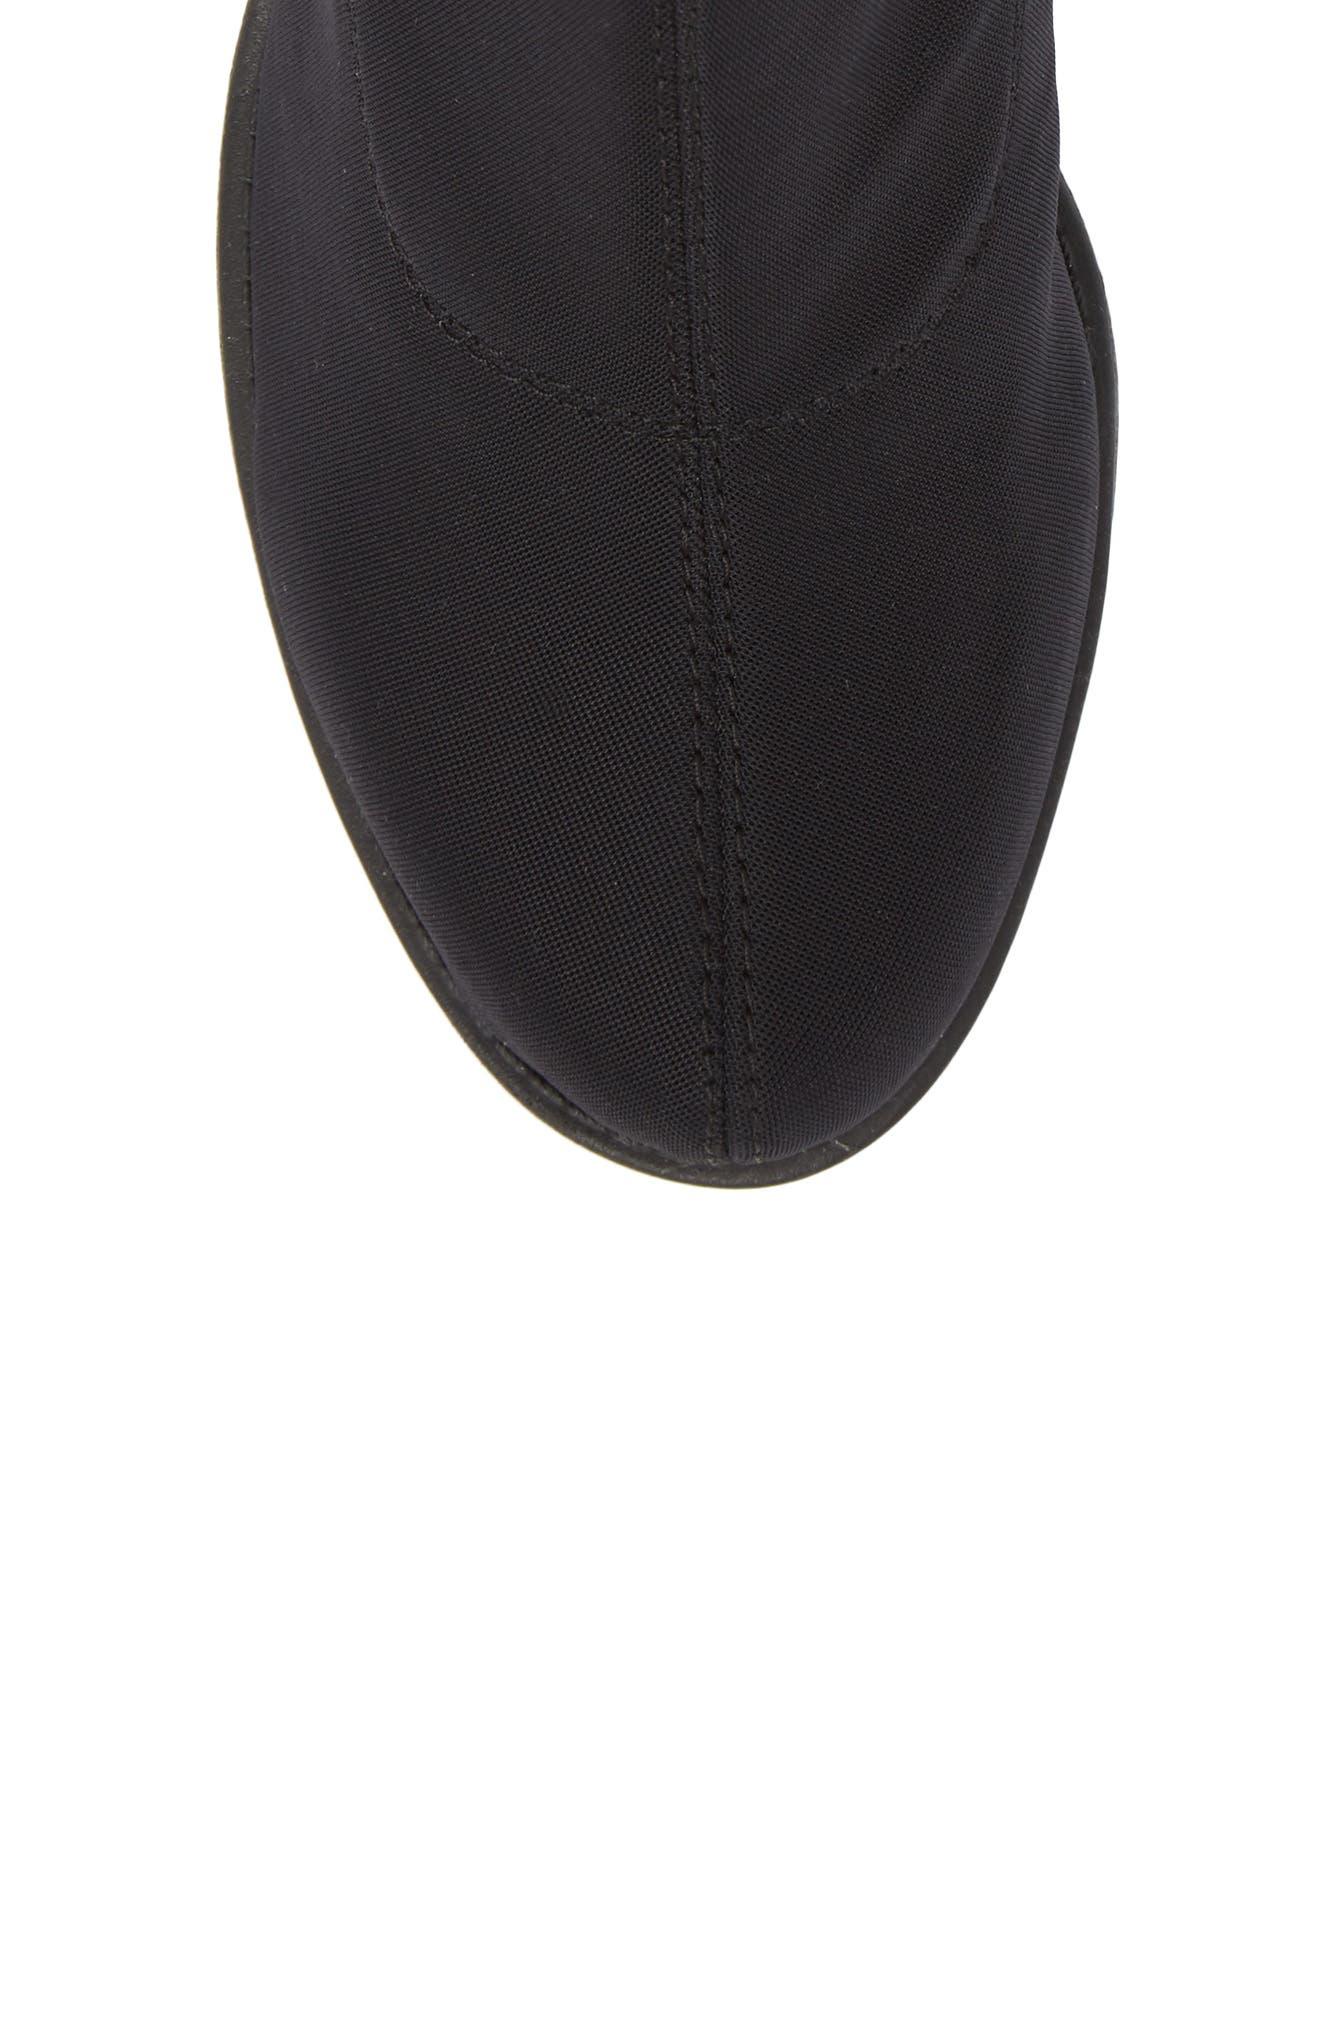 VAGABOND, Shoemakers Grace Platform Bootie, Alternate thumbnail 5, color, BLACK FABRIC